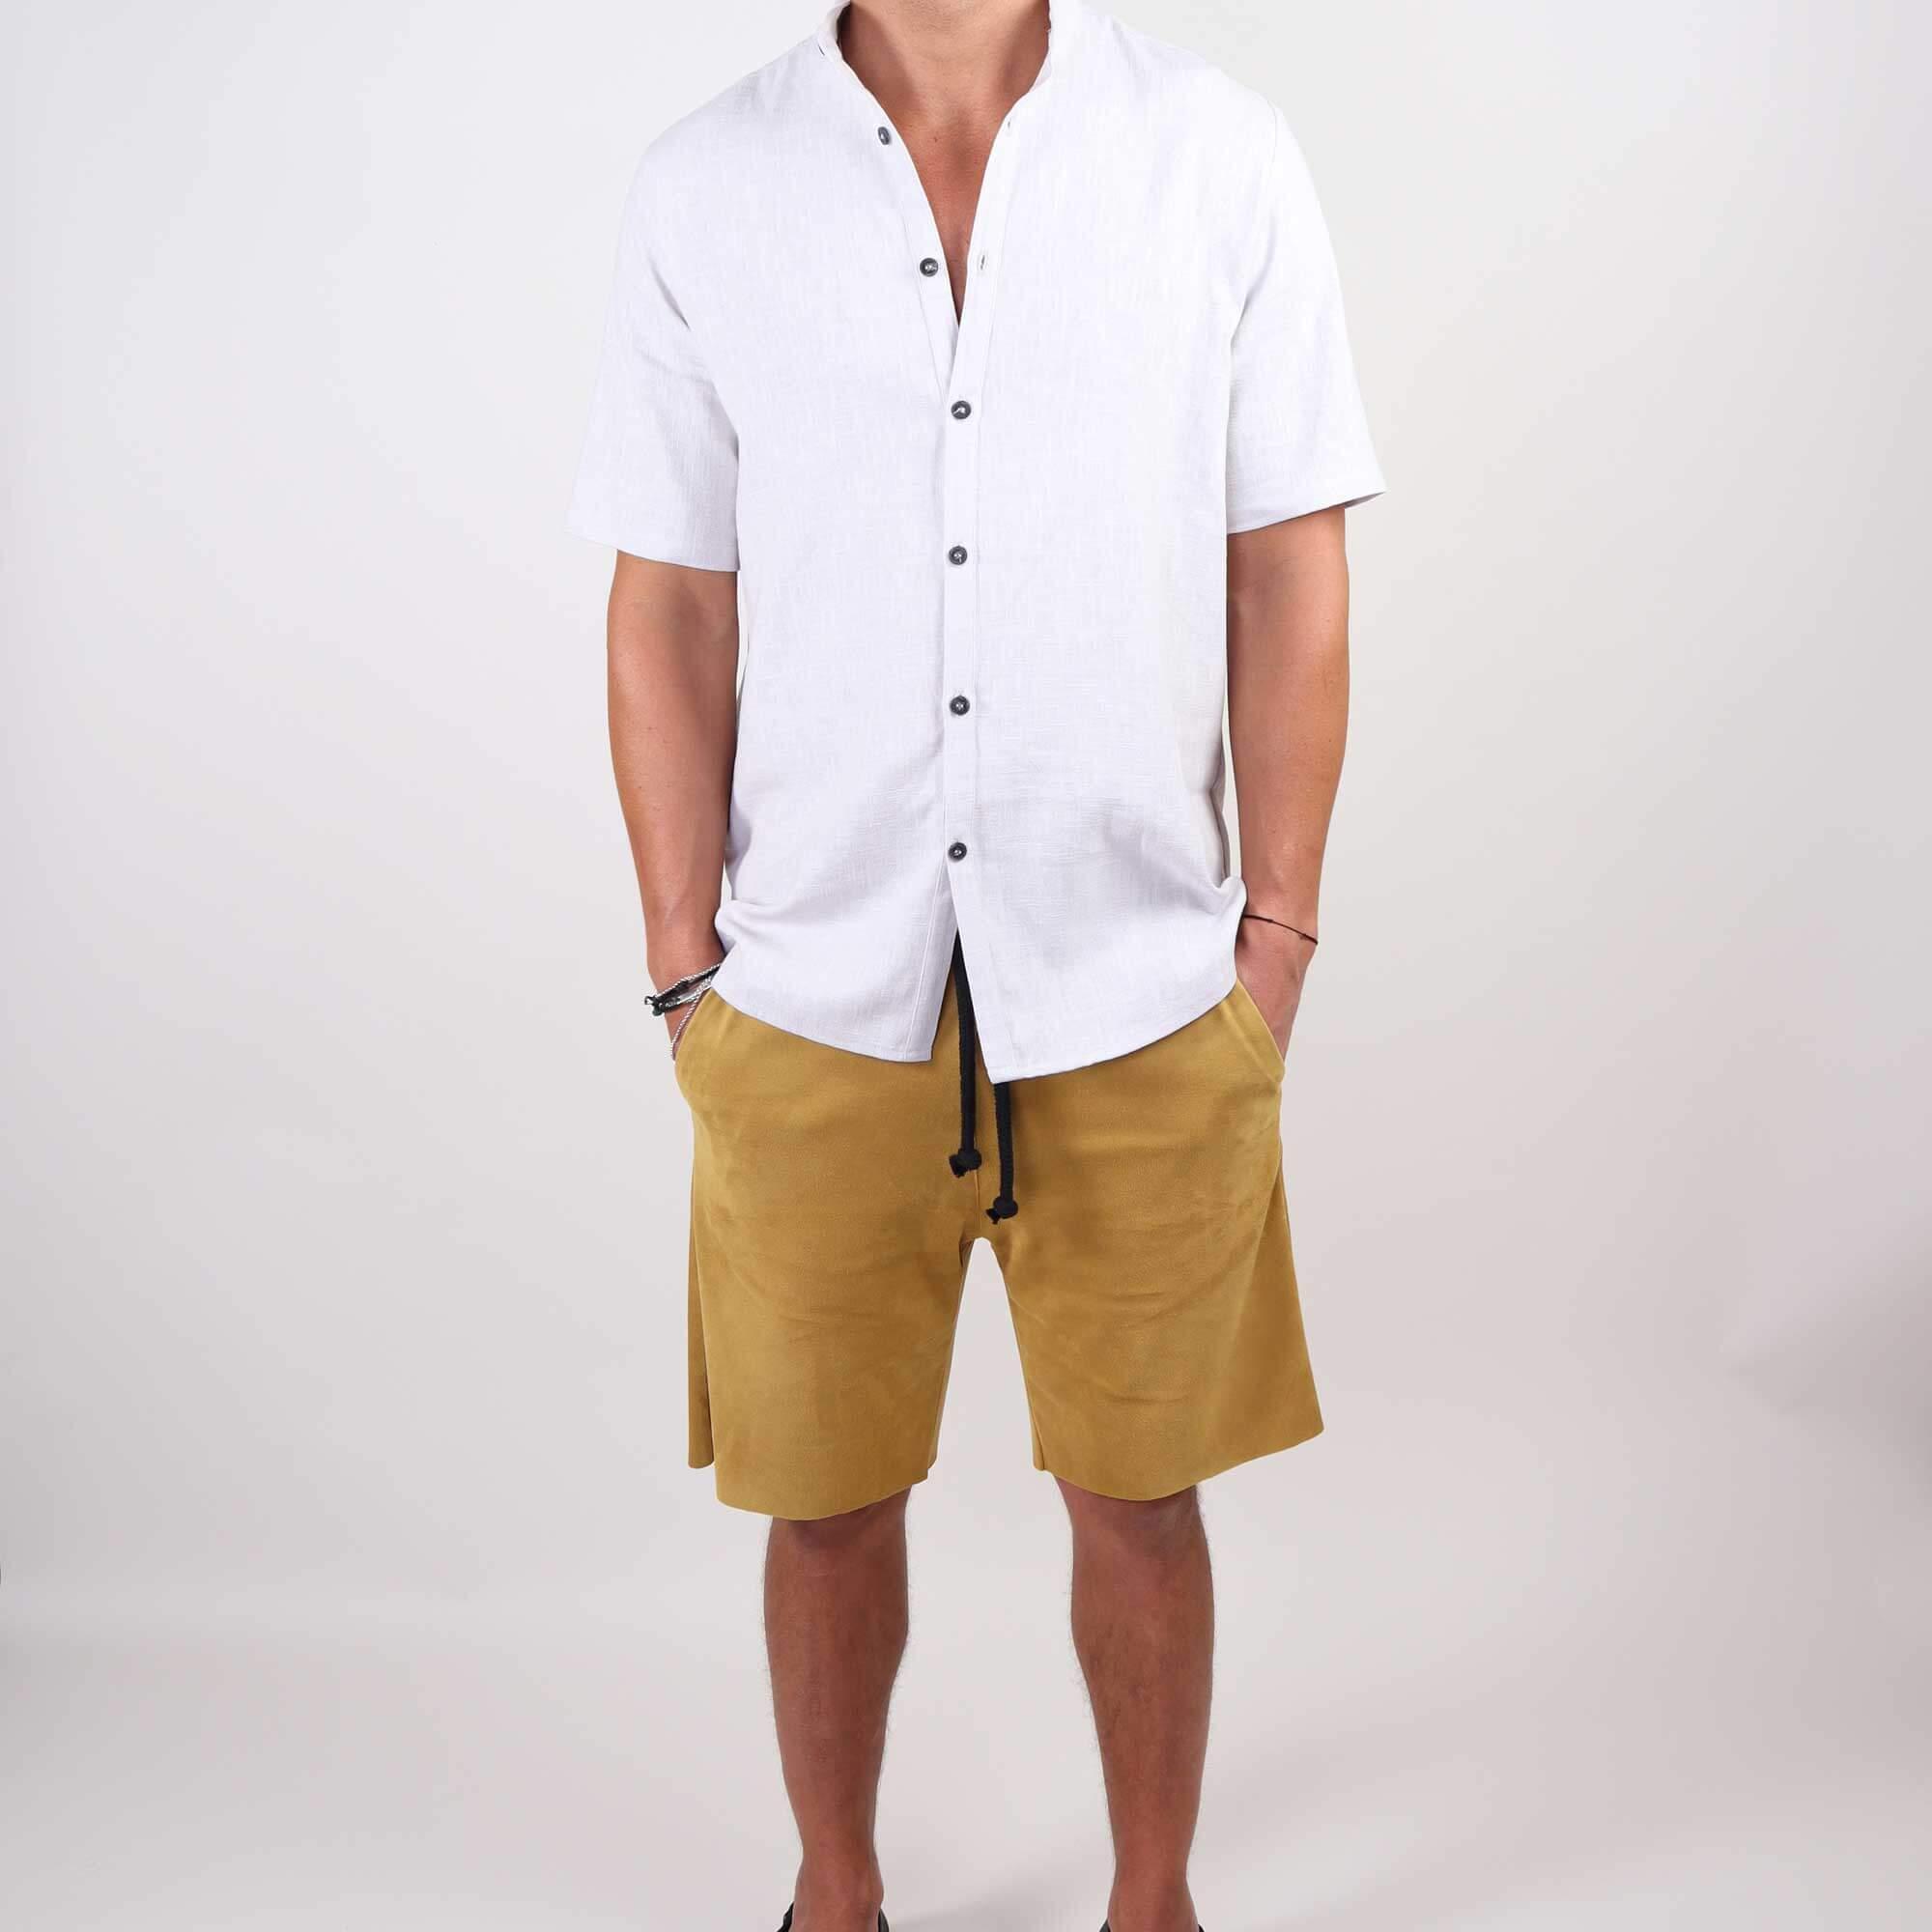 zippy-short-greywhite-4